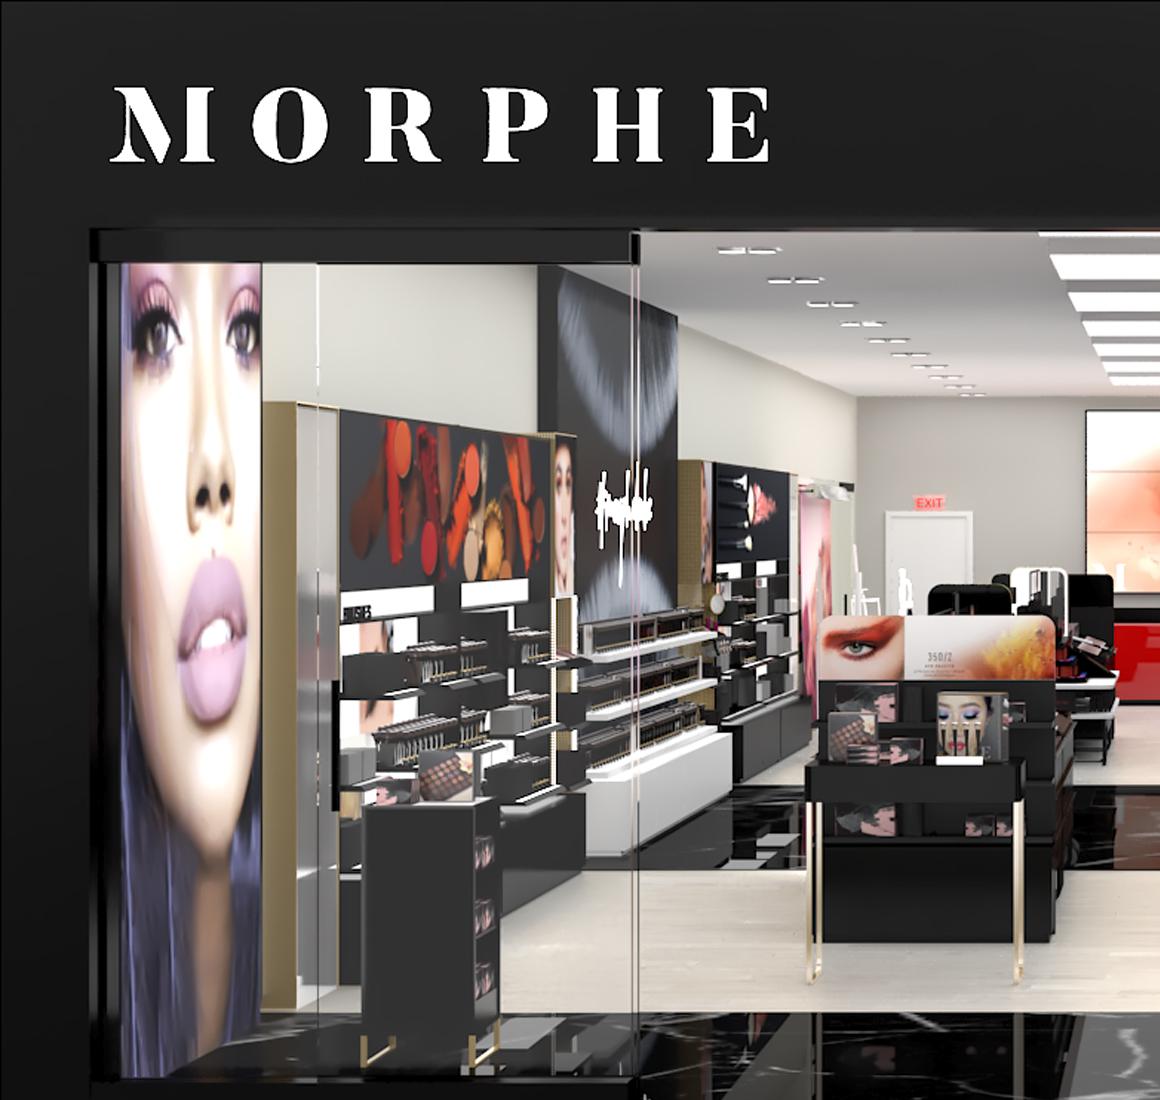 Morphe Interior Retail Design Concept Management 3